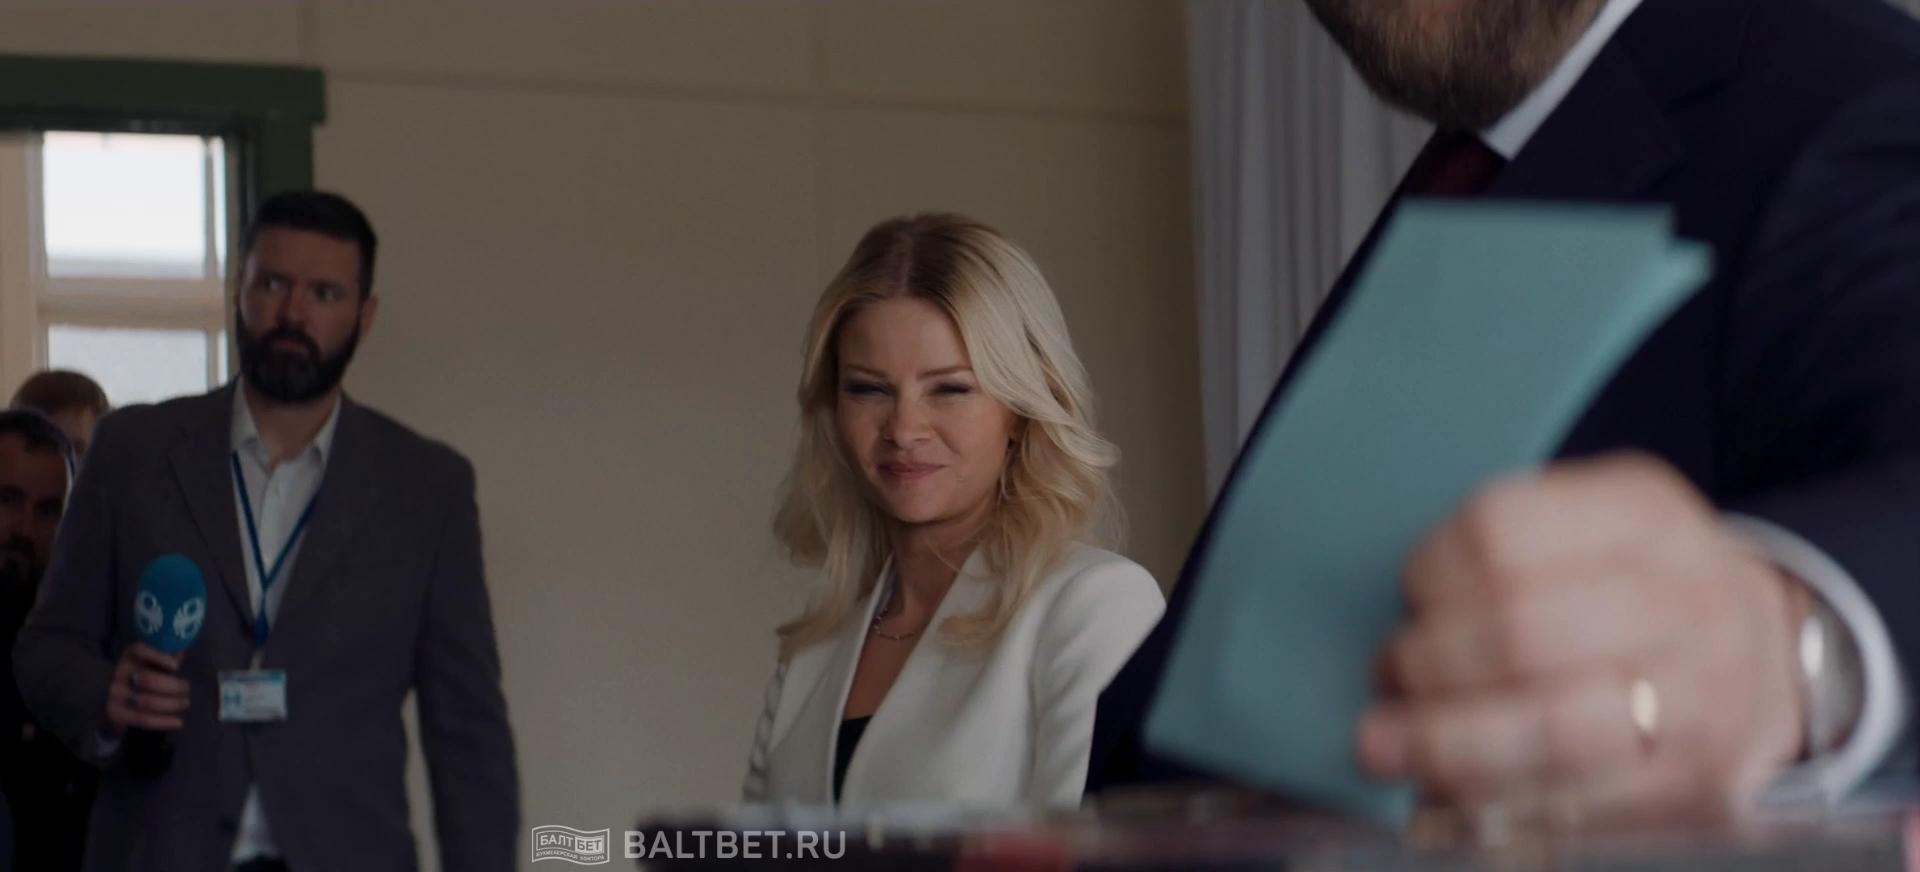 Министр  (1 сезон: 1-8 серии из 8) (2020) WEBRip 1080p   WestFilm